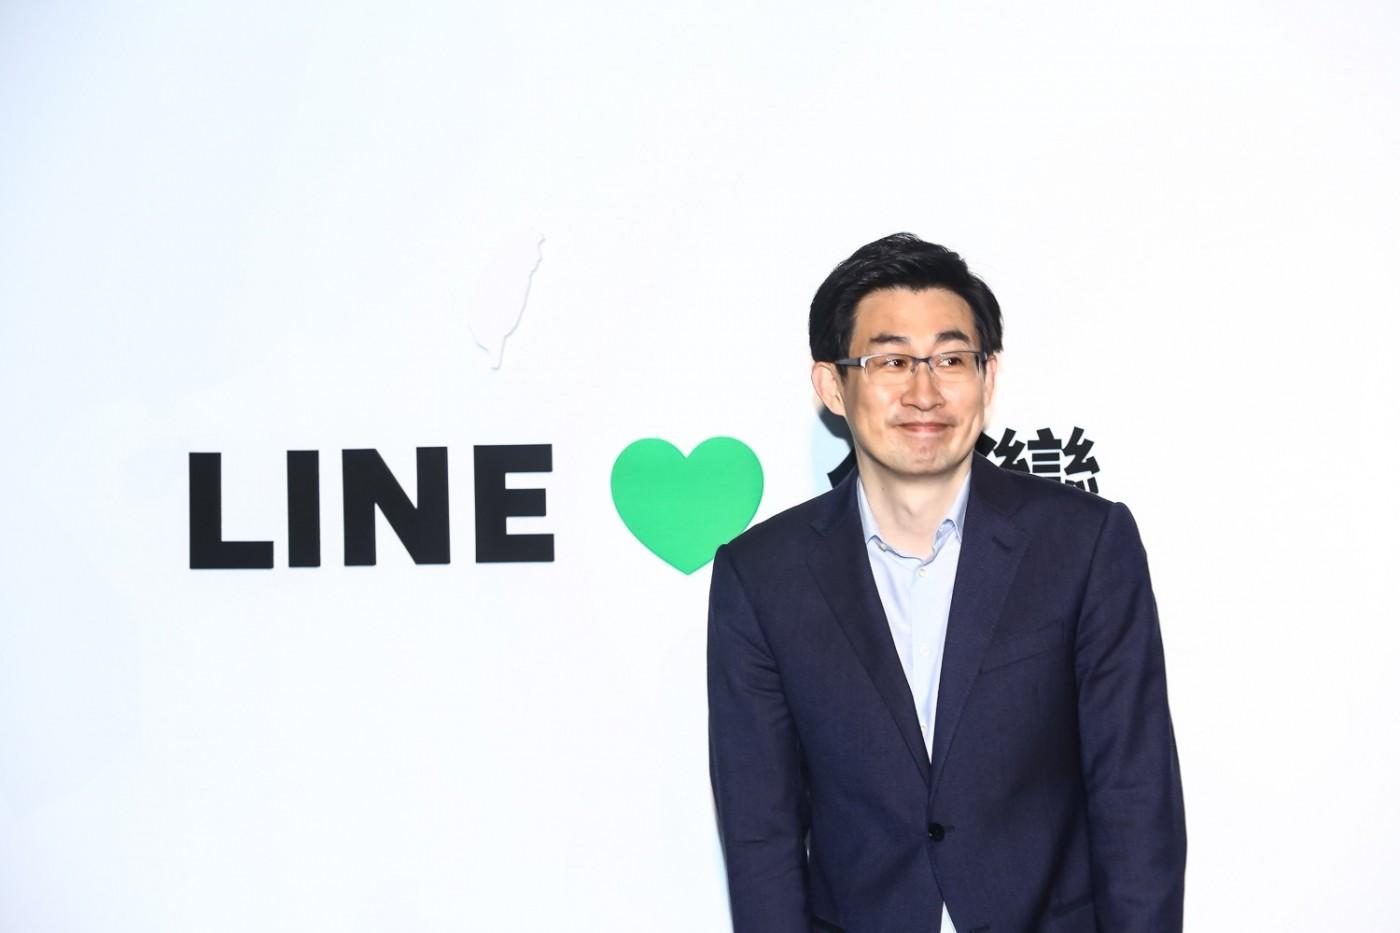 不想像科技巨頭笨重!LINE之父帶領公司二次創業,台灣扮要角